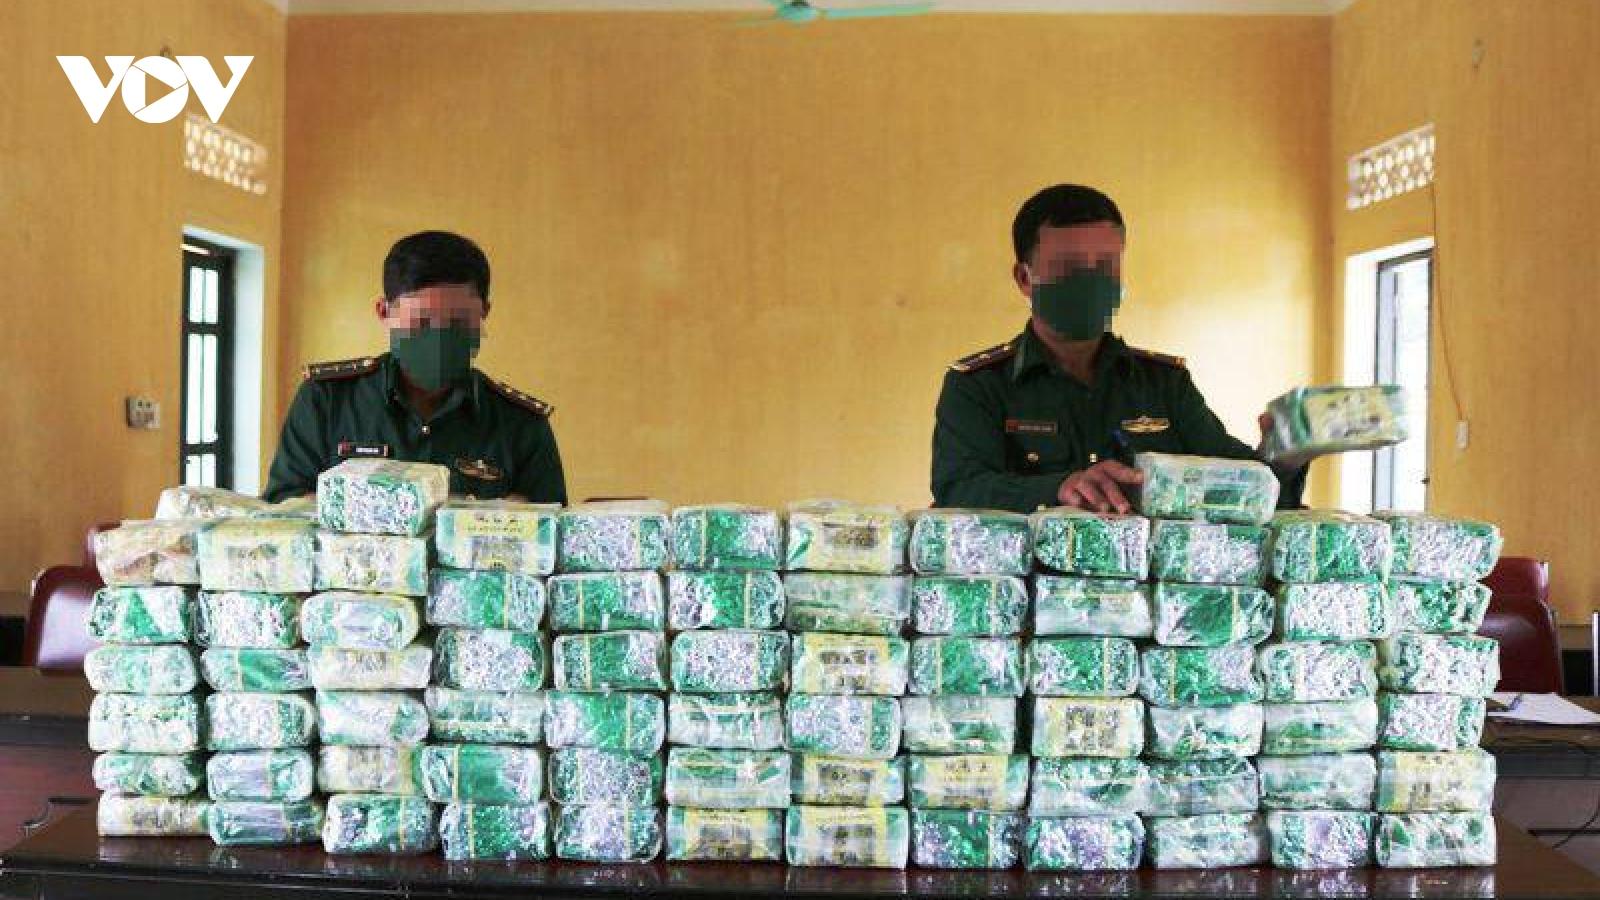 Bộ đội biên phòng Nghệ An đóng chốt 24/24 nhằm bảo đảm an ninh và phòng chống dịch